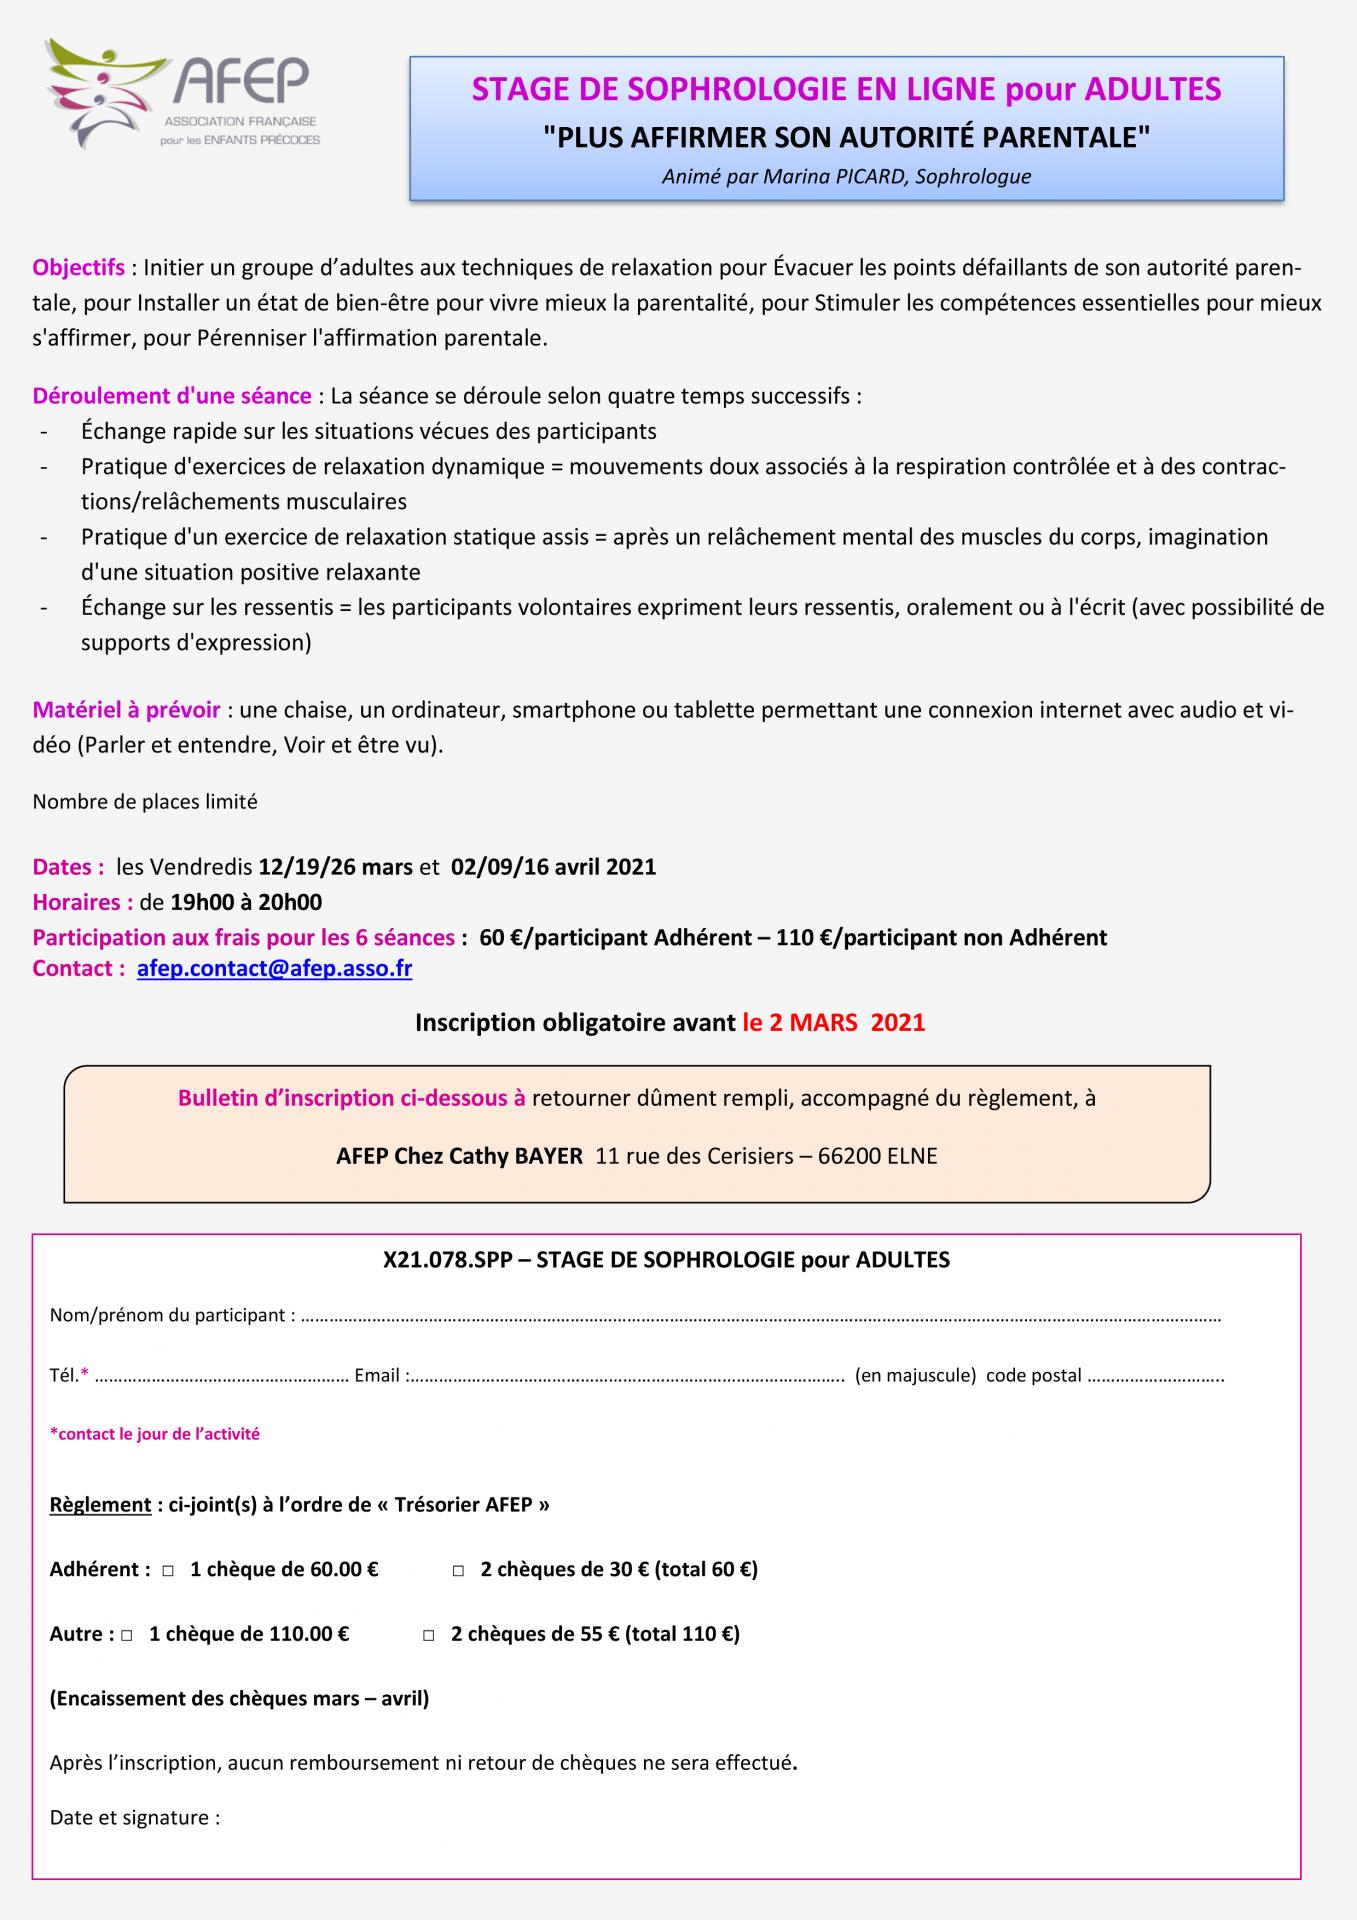 6 stage sophro adultes 12 19 26 fevrier et avril